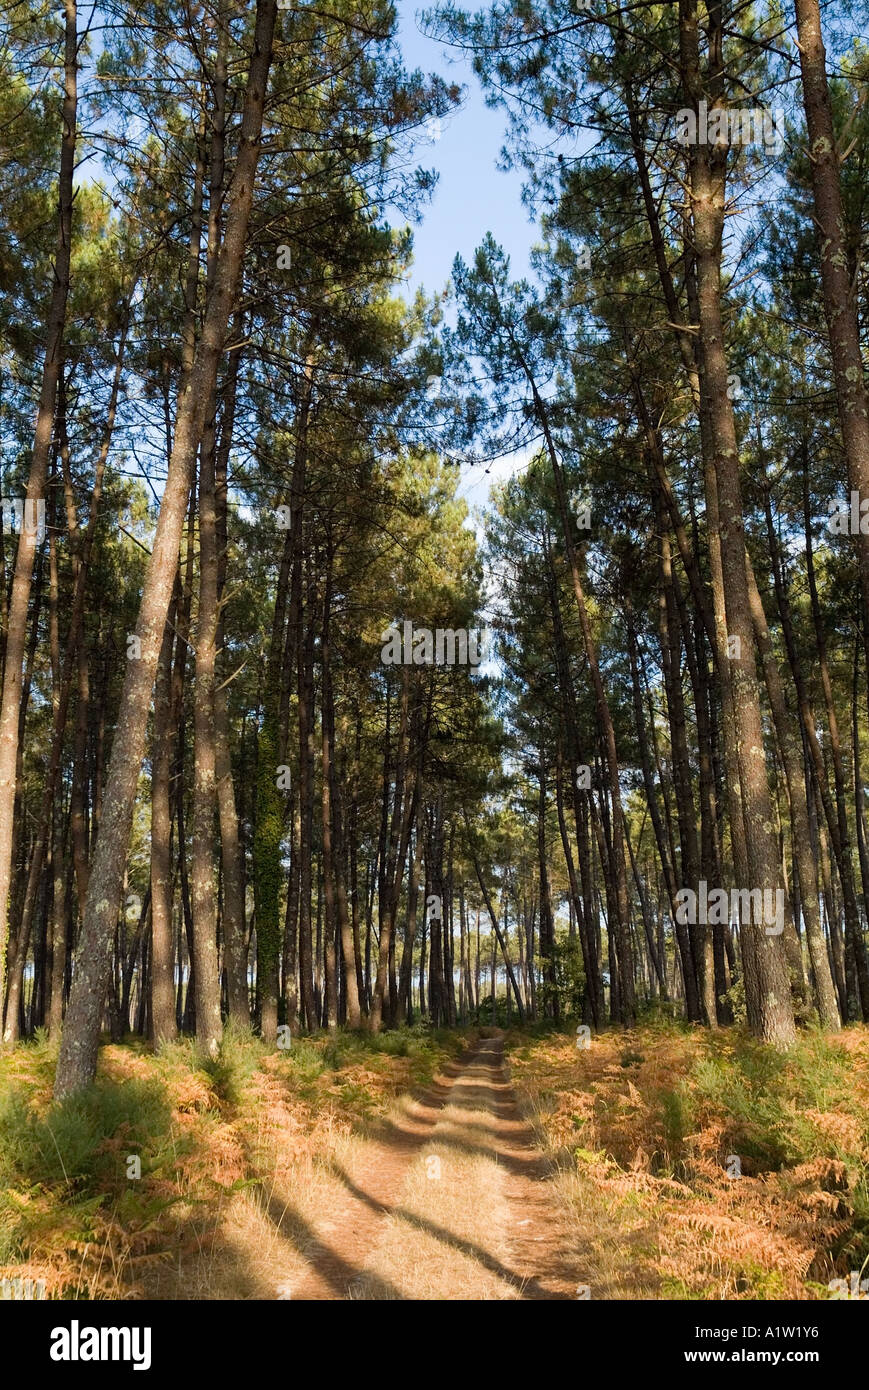 Sentier de forêt - arbres le long d'un sentier forestier dans la forêt des Landes, Aquitaine, France Photo Stock